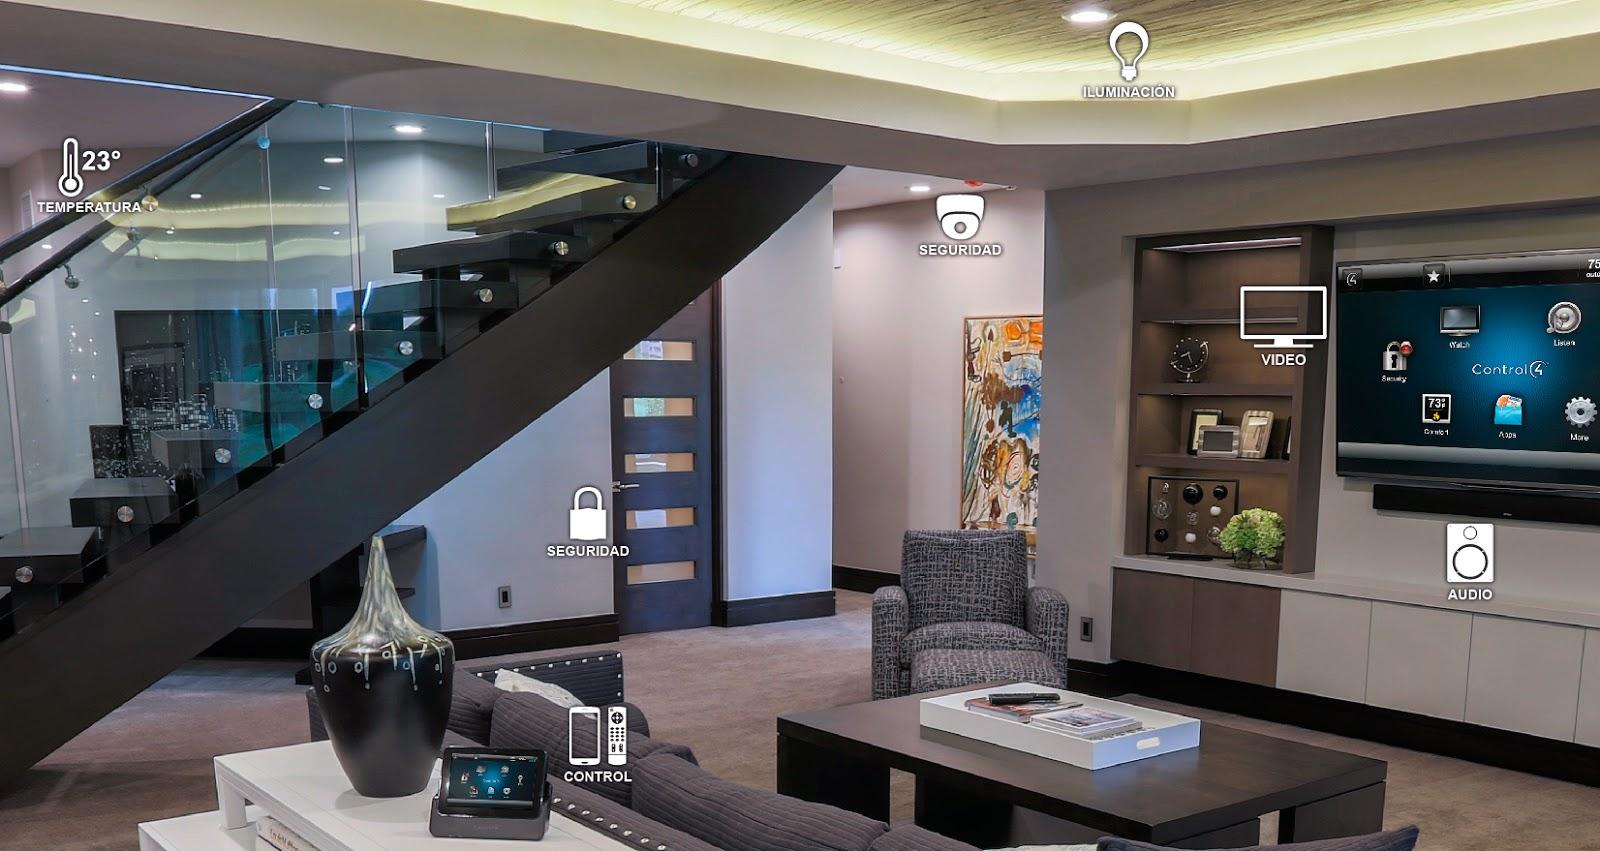 Tecnolog a en el hogar blog gm proyecto living - Domotica en casa ...